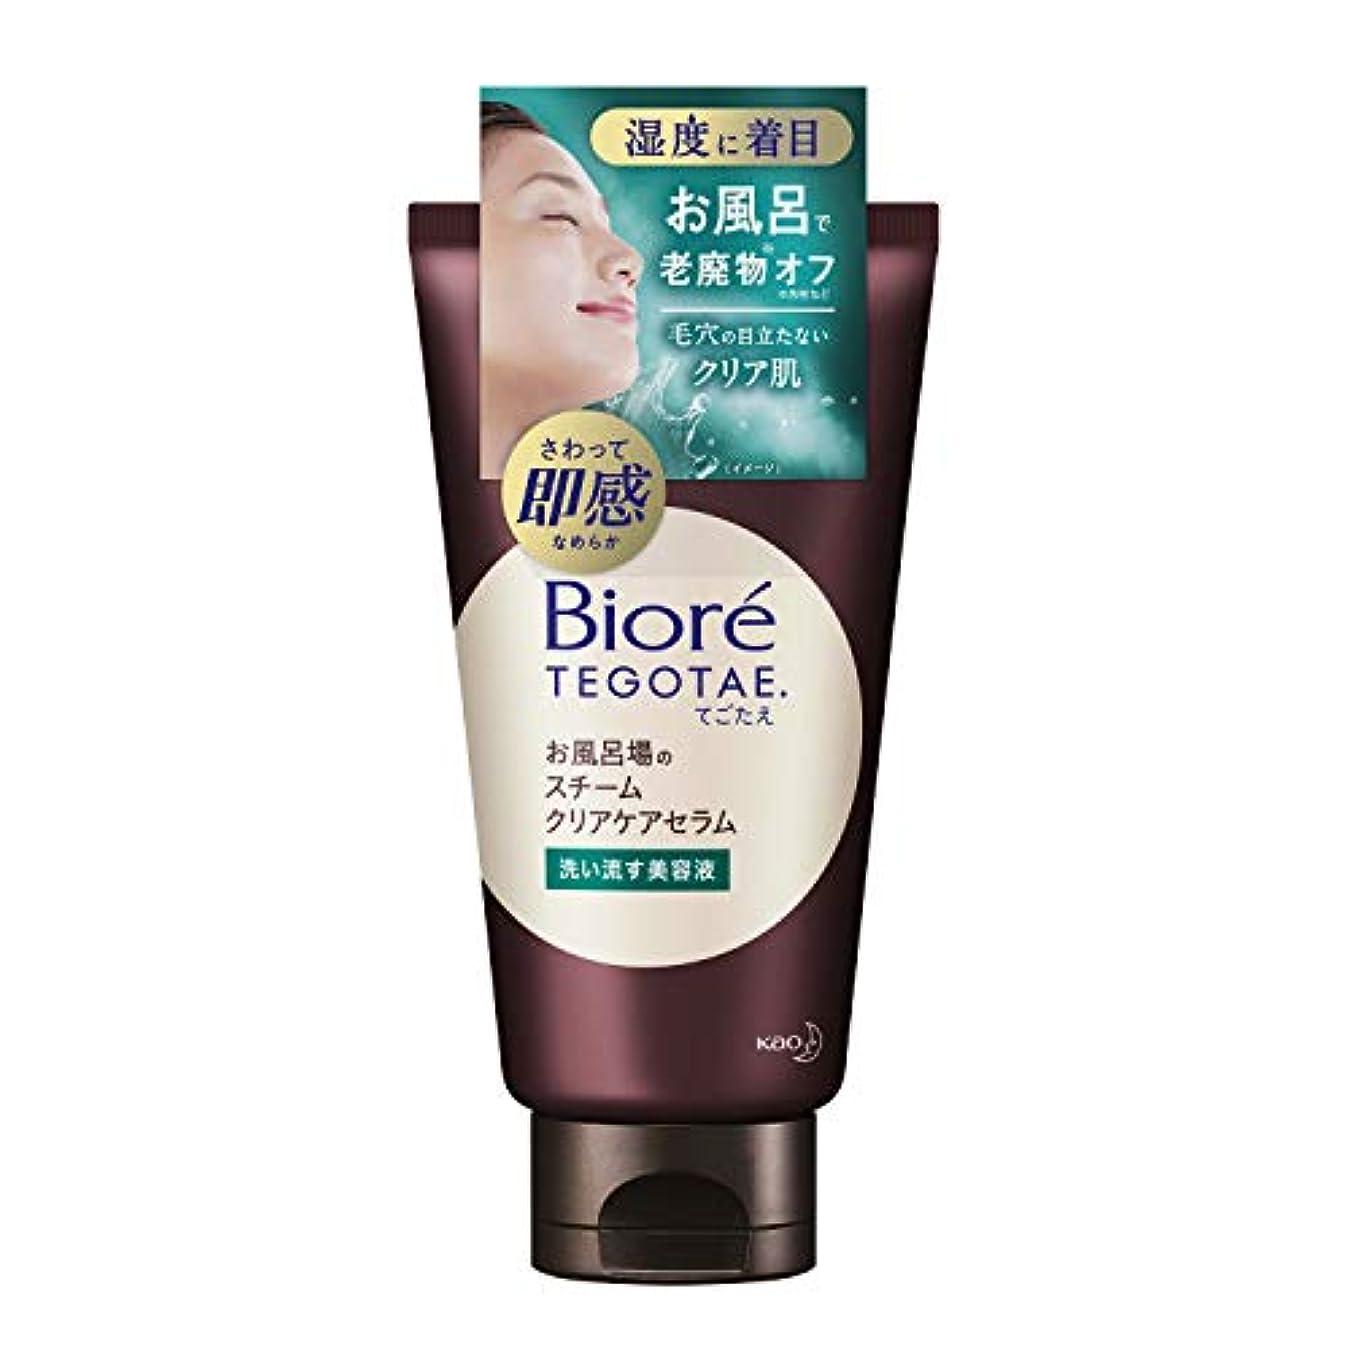 モバイル閉じ込める強化ビオレTEGOTAE(テゴタエ) お風呂場のスチームクリアケアセラム 美容液 グリーンフローラルの香り 150g